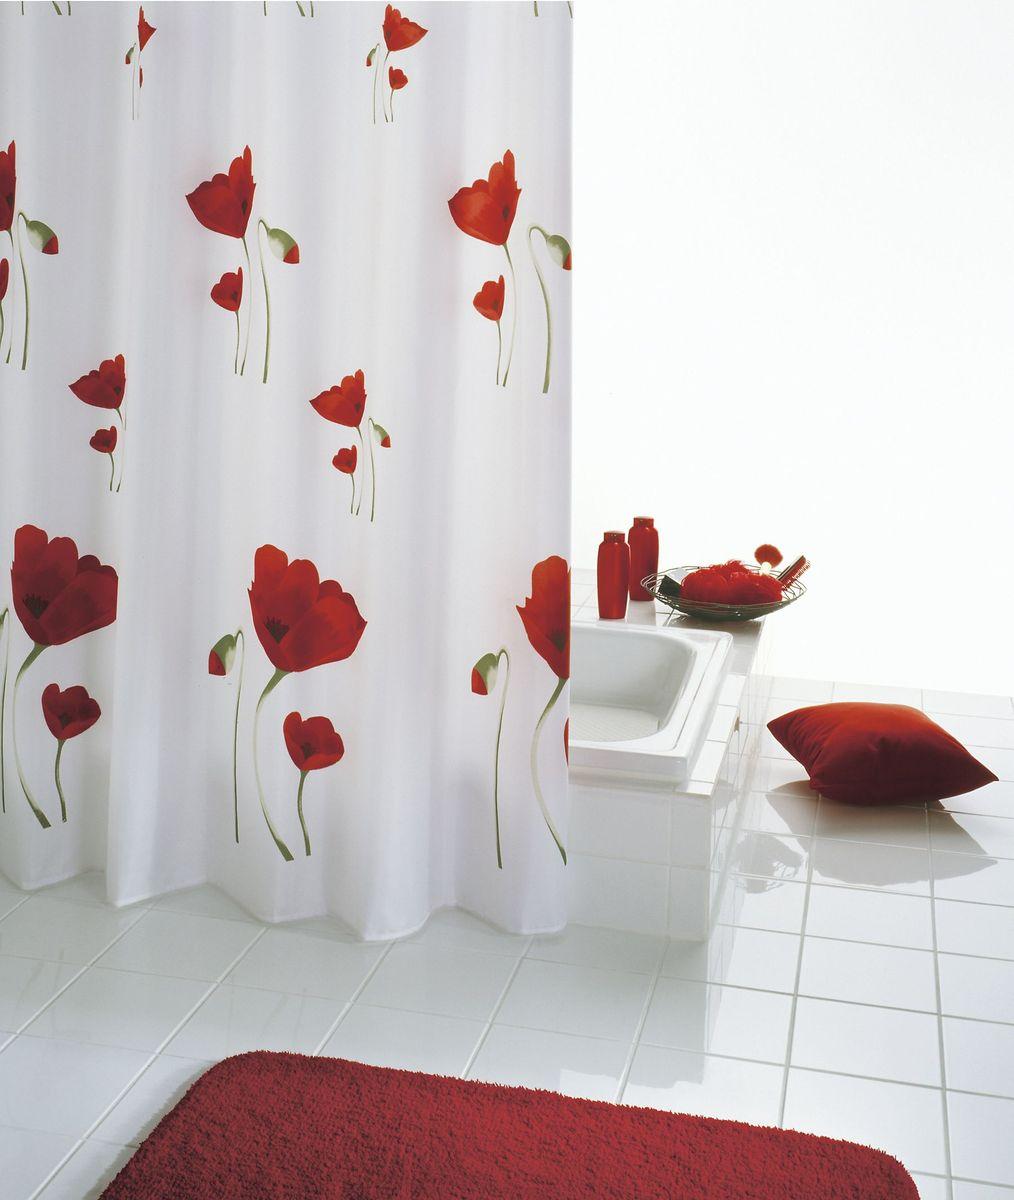 """Высококачественная немецкая шторка Ridder """"Mohn"""" создаст прекрасное  настроение в ванной комнате.  Данное изделие имеет антигрибковое, водоотталкивающее и антистатическое  покрытие и утяжеленный нижний кант. Машинная стирка.  Глажка при низкой температуре."""